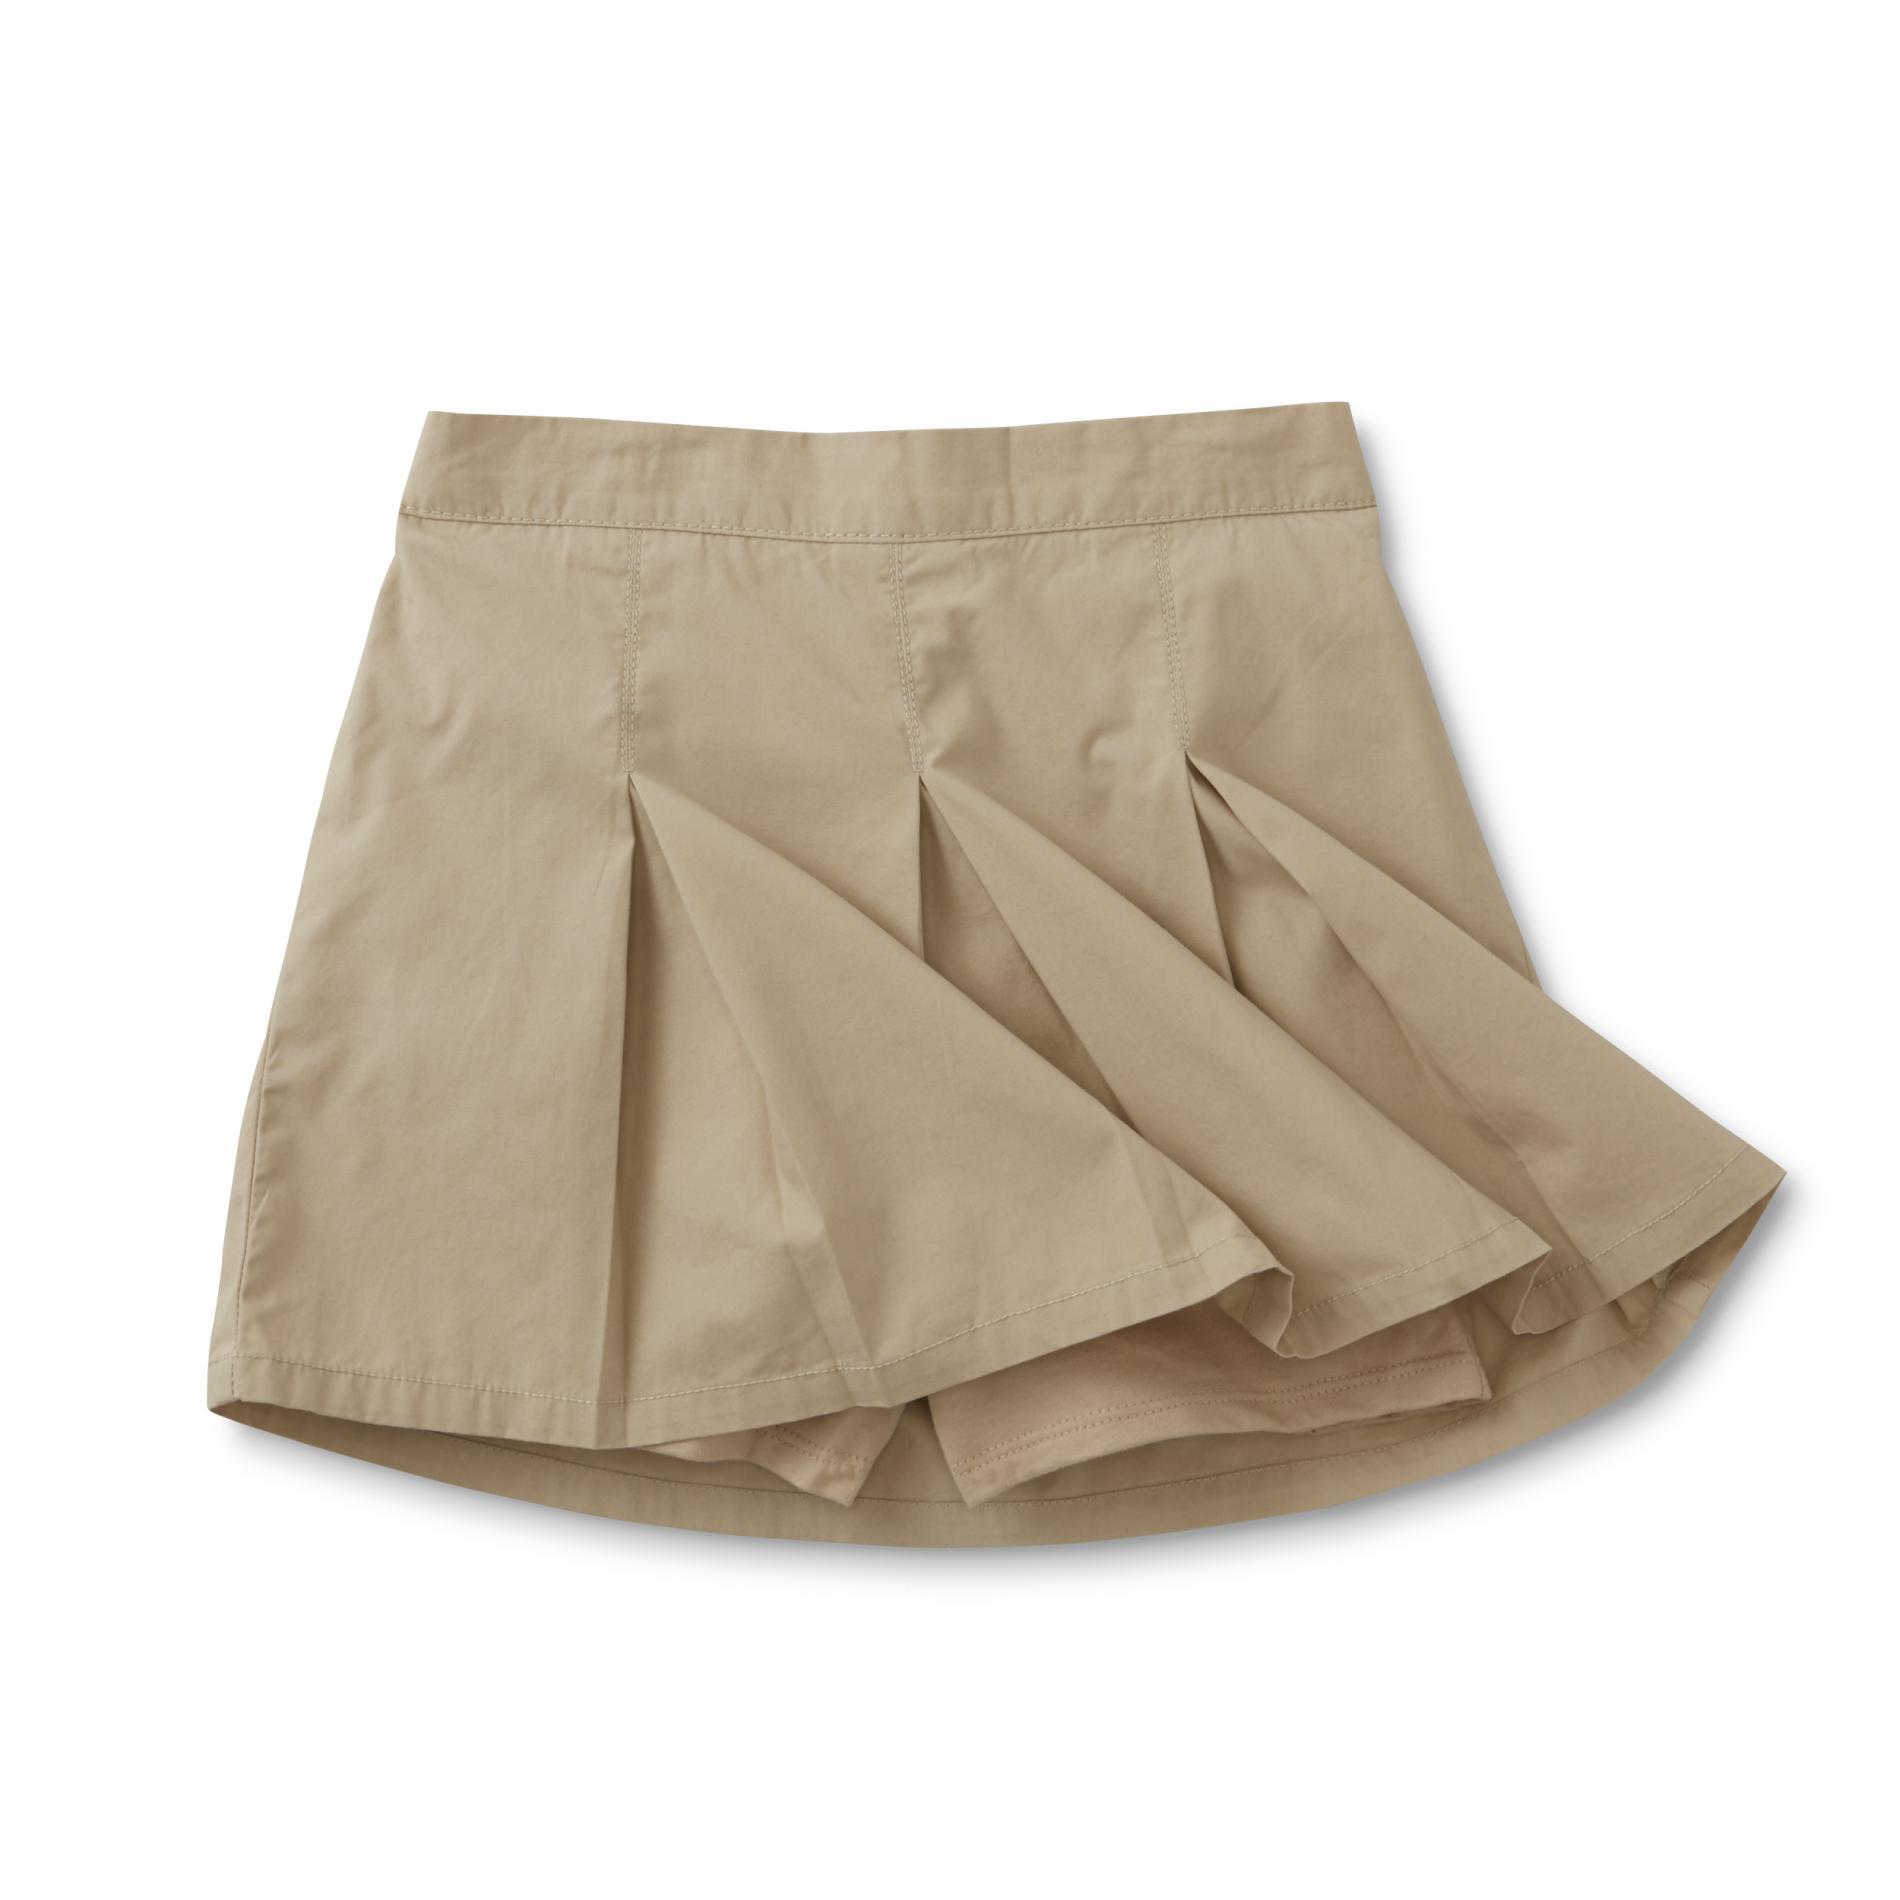 Toughskins Infant & Toddler Girl's Scooter Skirt